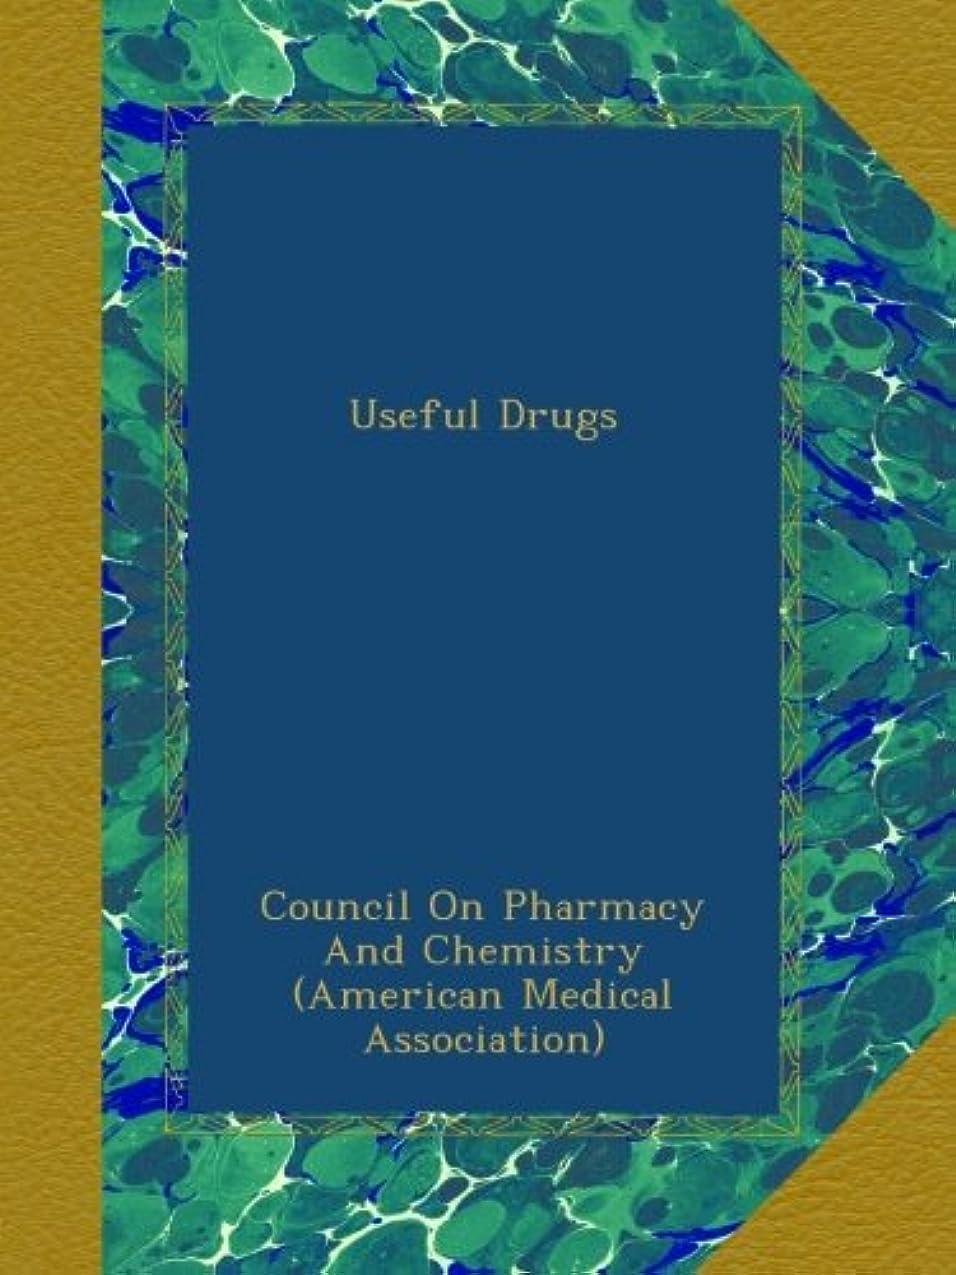 関係懐疑的偽善者Useful Drugs